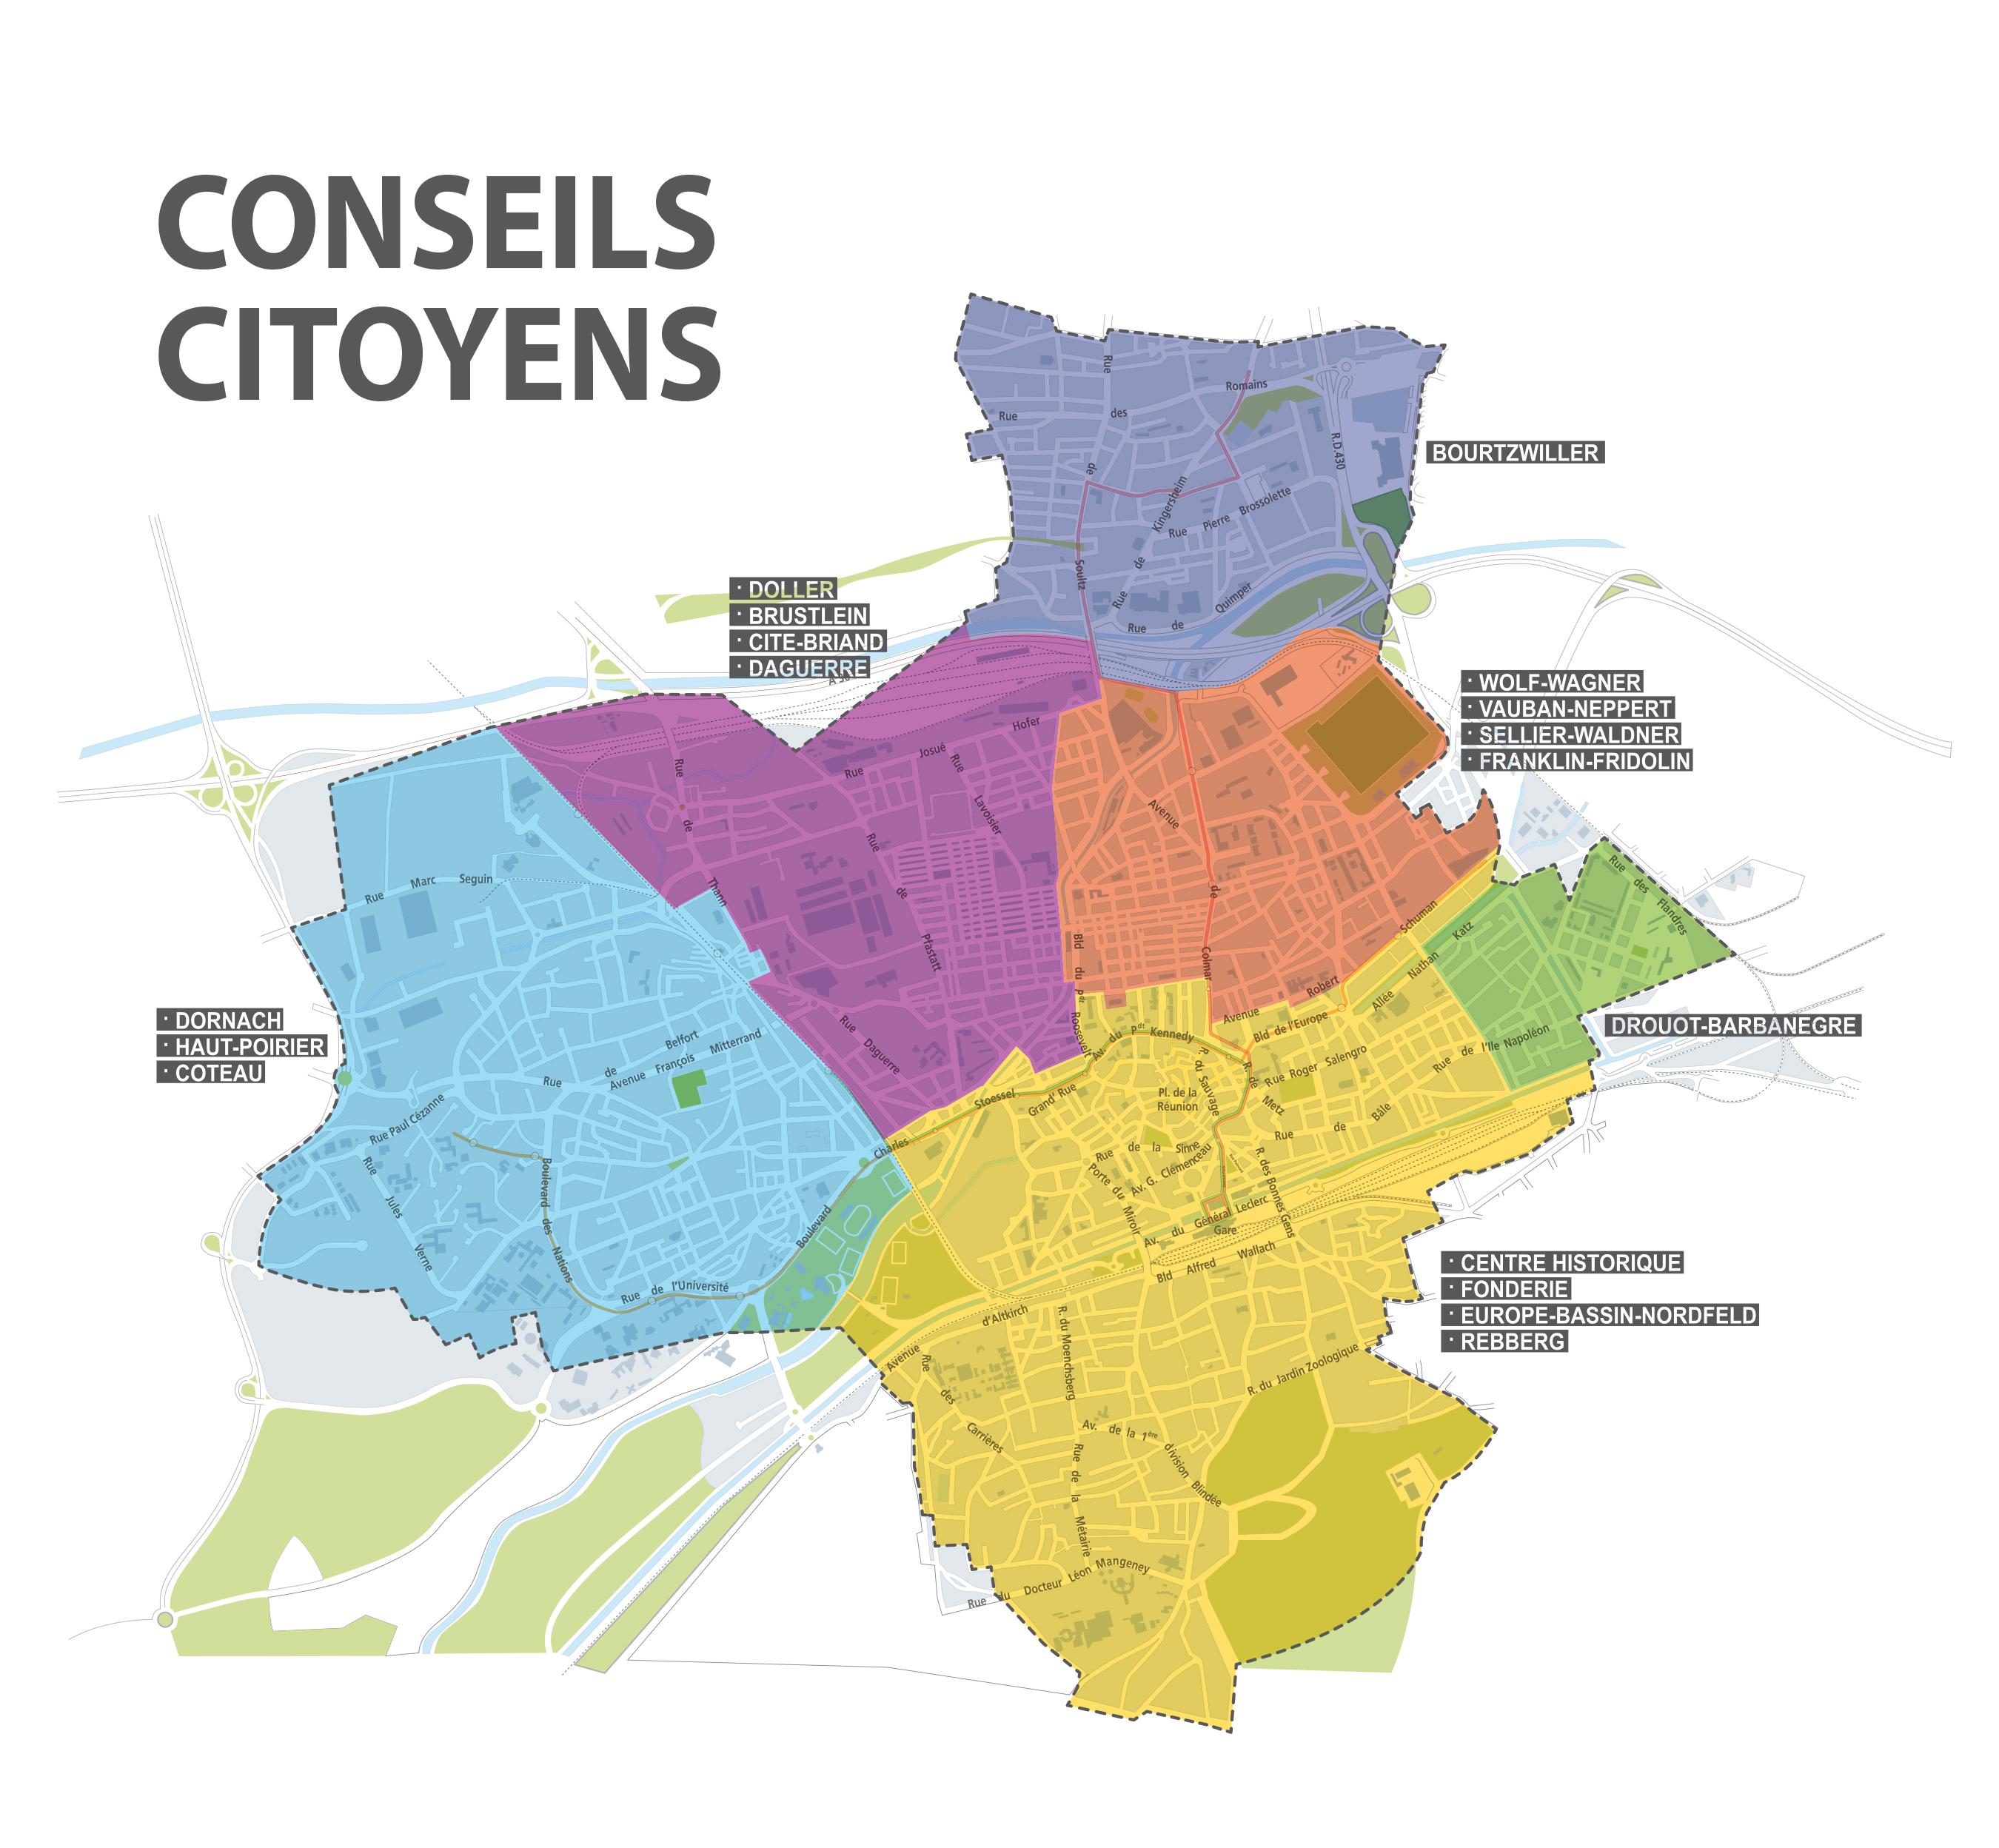 carte-conseils-citoyens_mulhouse